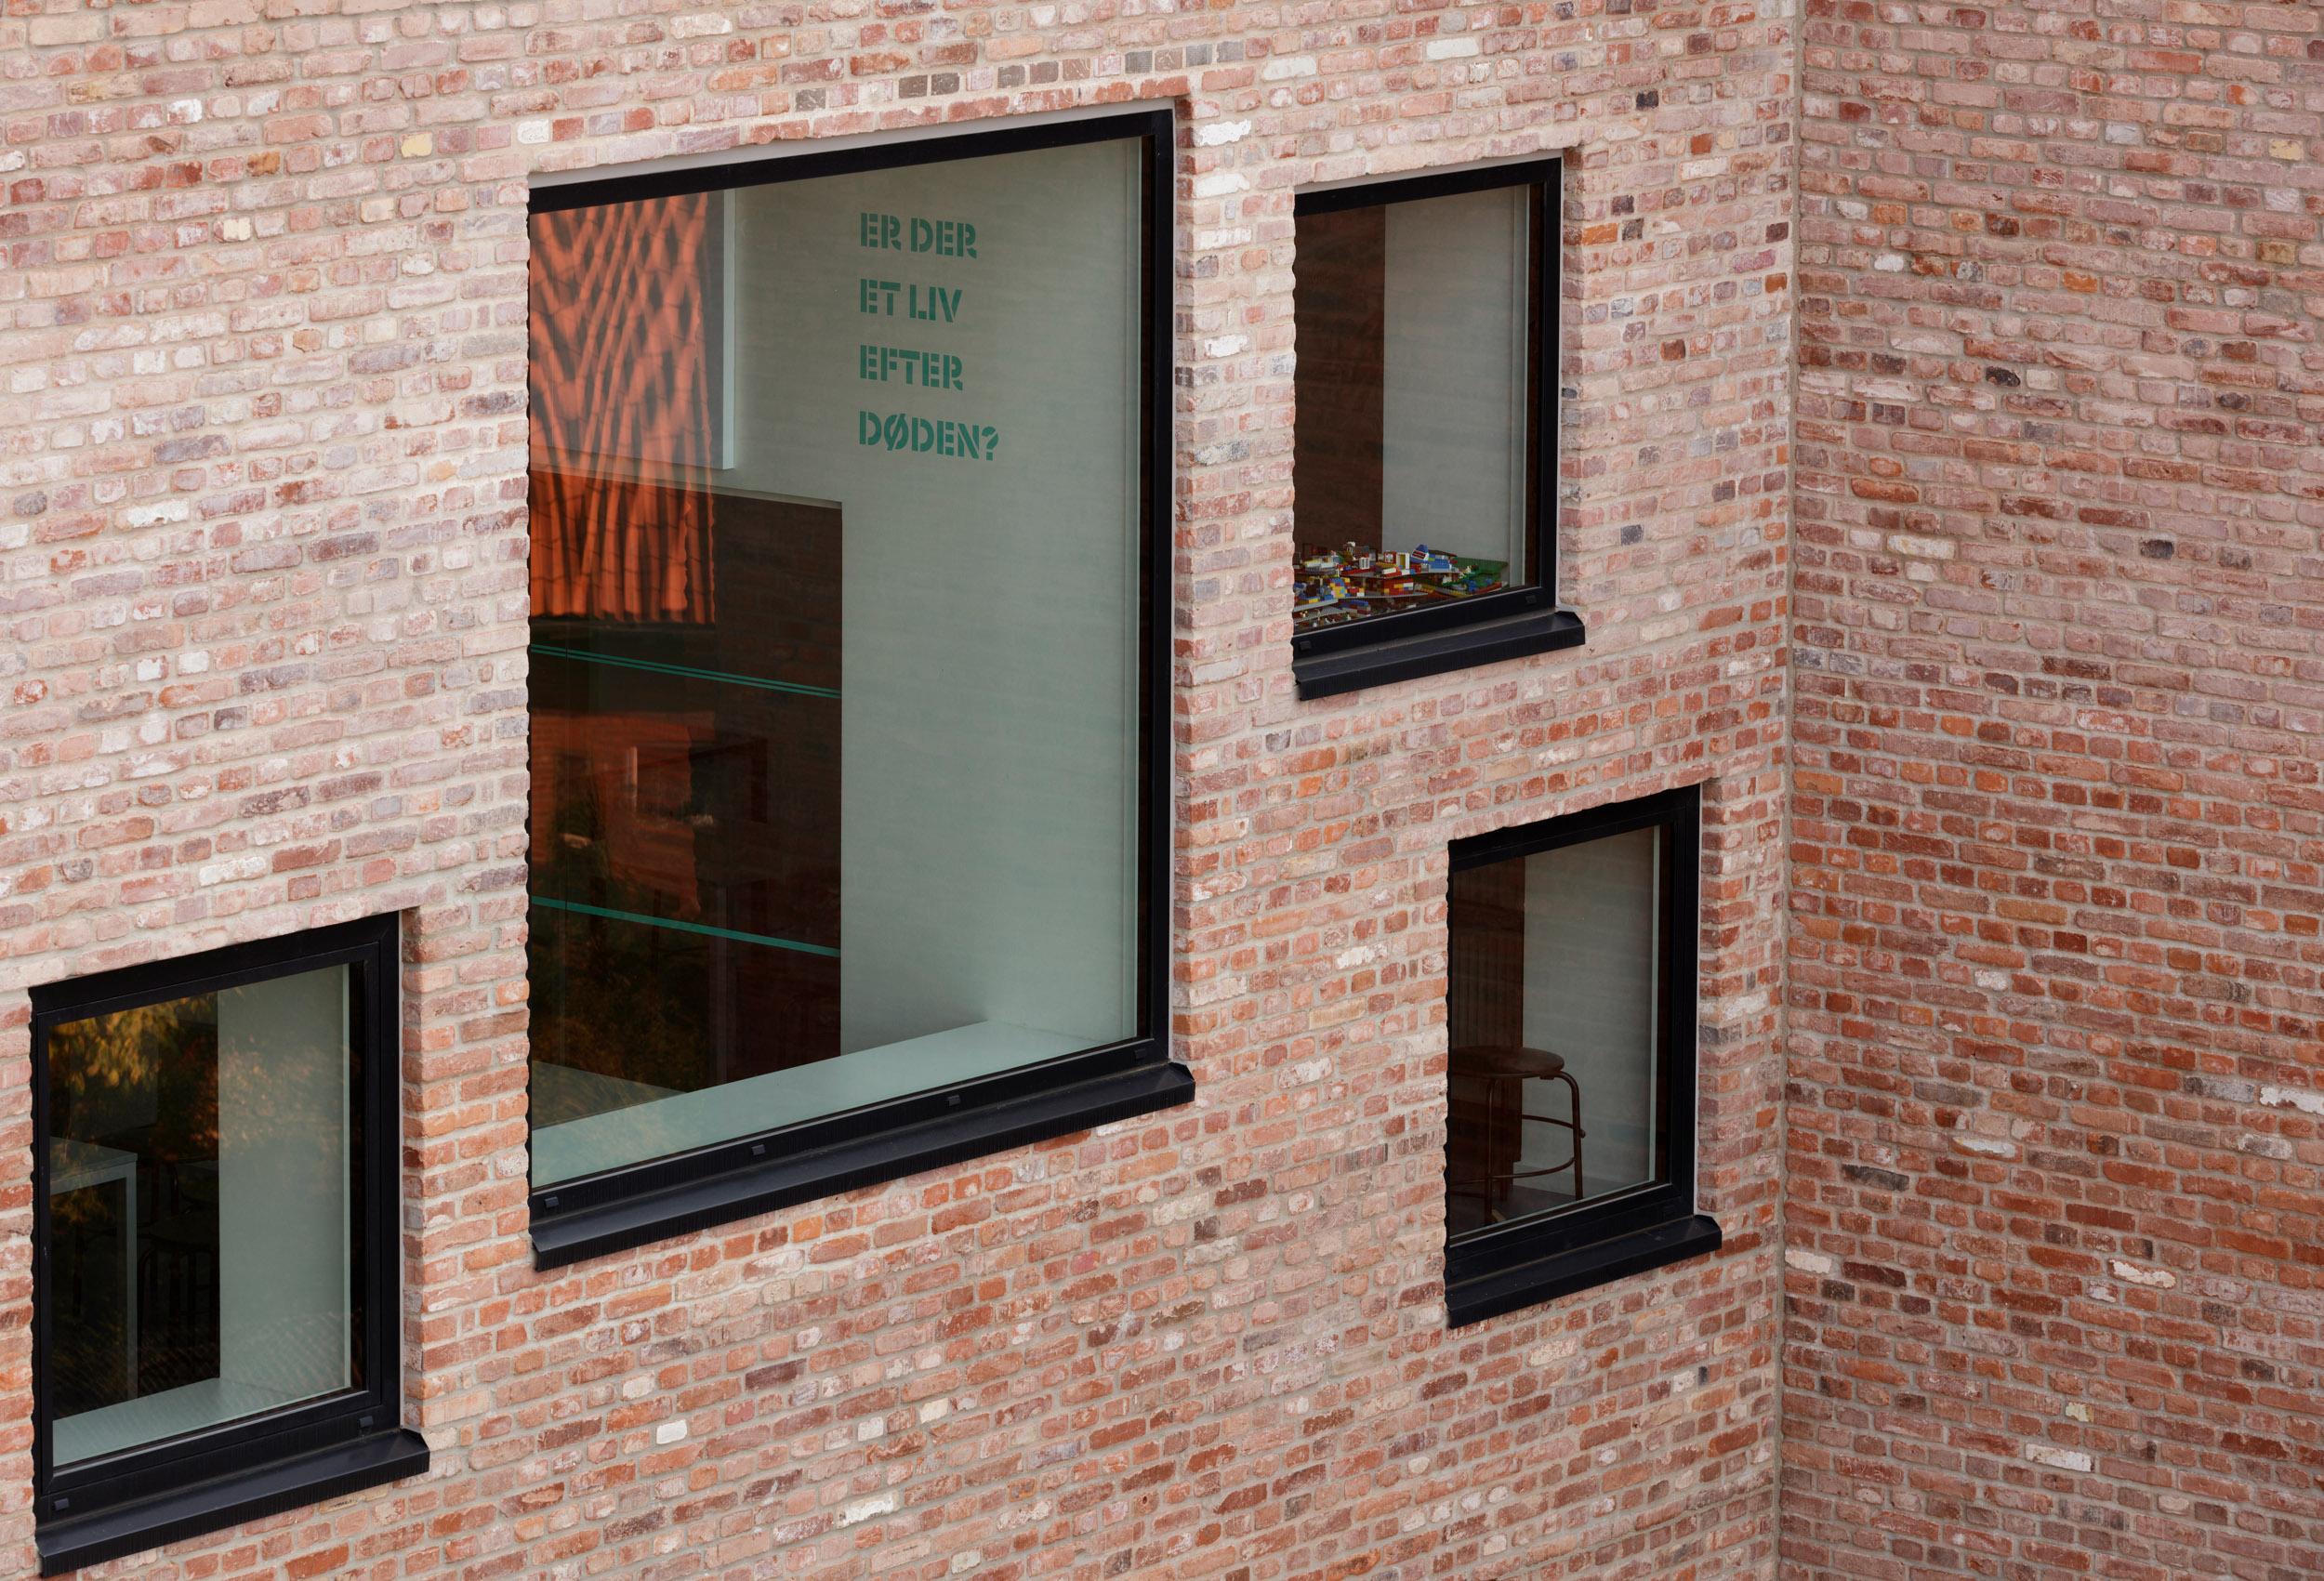 HLA_Frederiksbjerg_Skole_Wayfinding_022.jpg